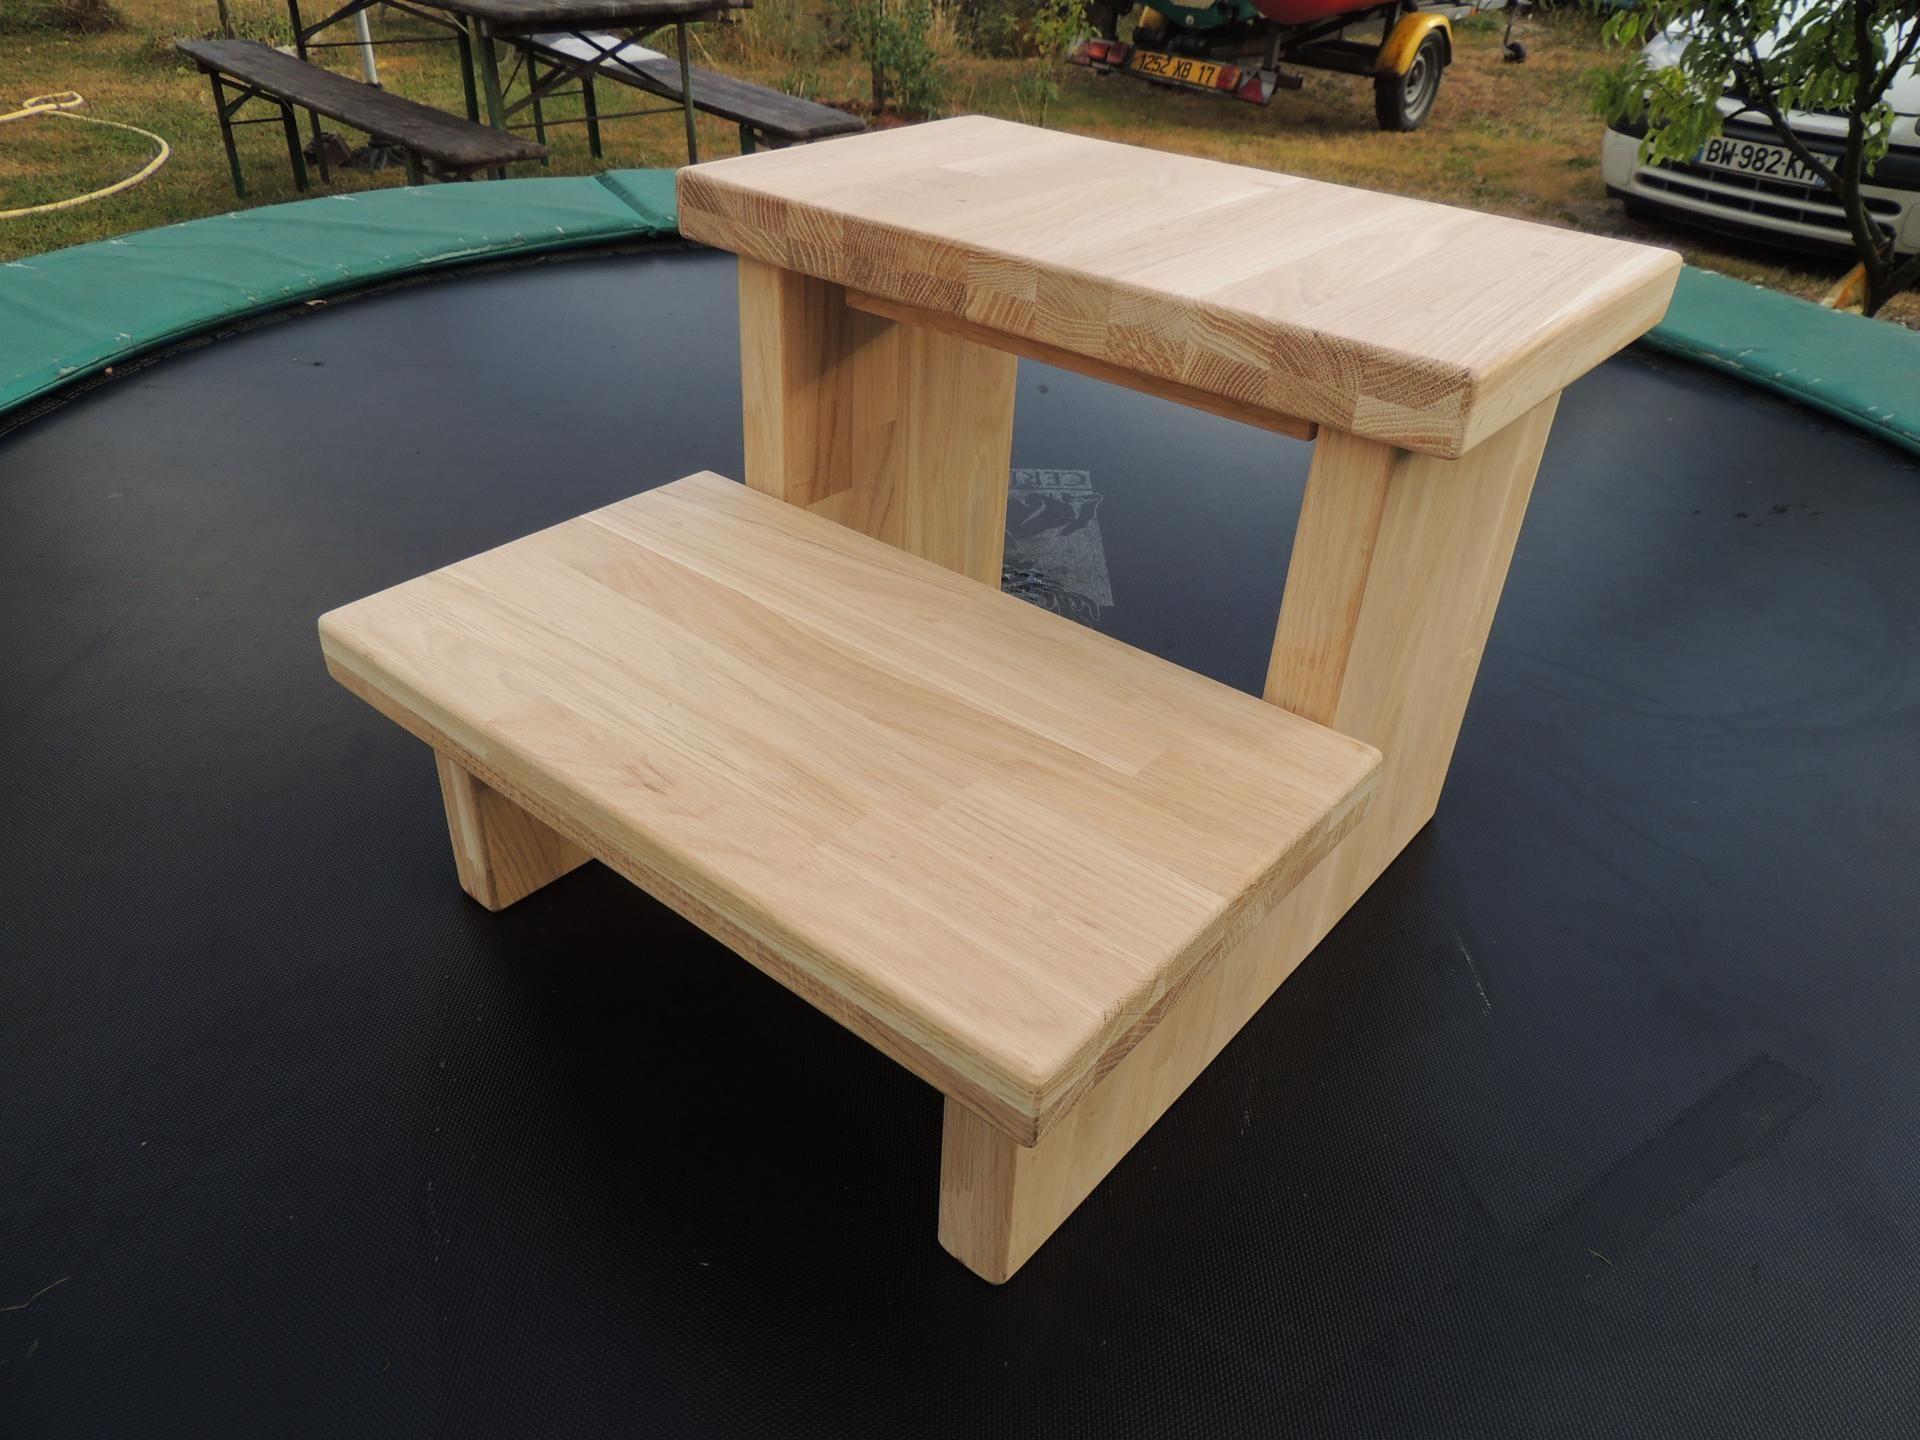 Atelier Cannelle Marche Pied Deco Bois Idees Pour La Maison